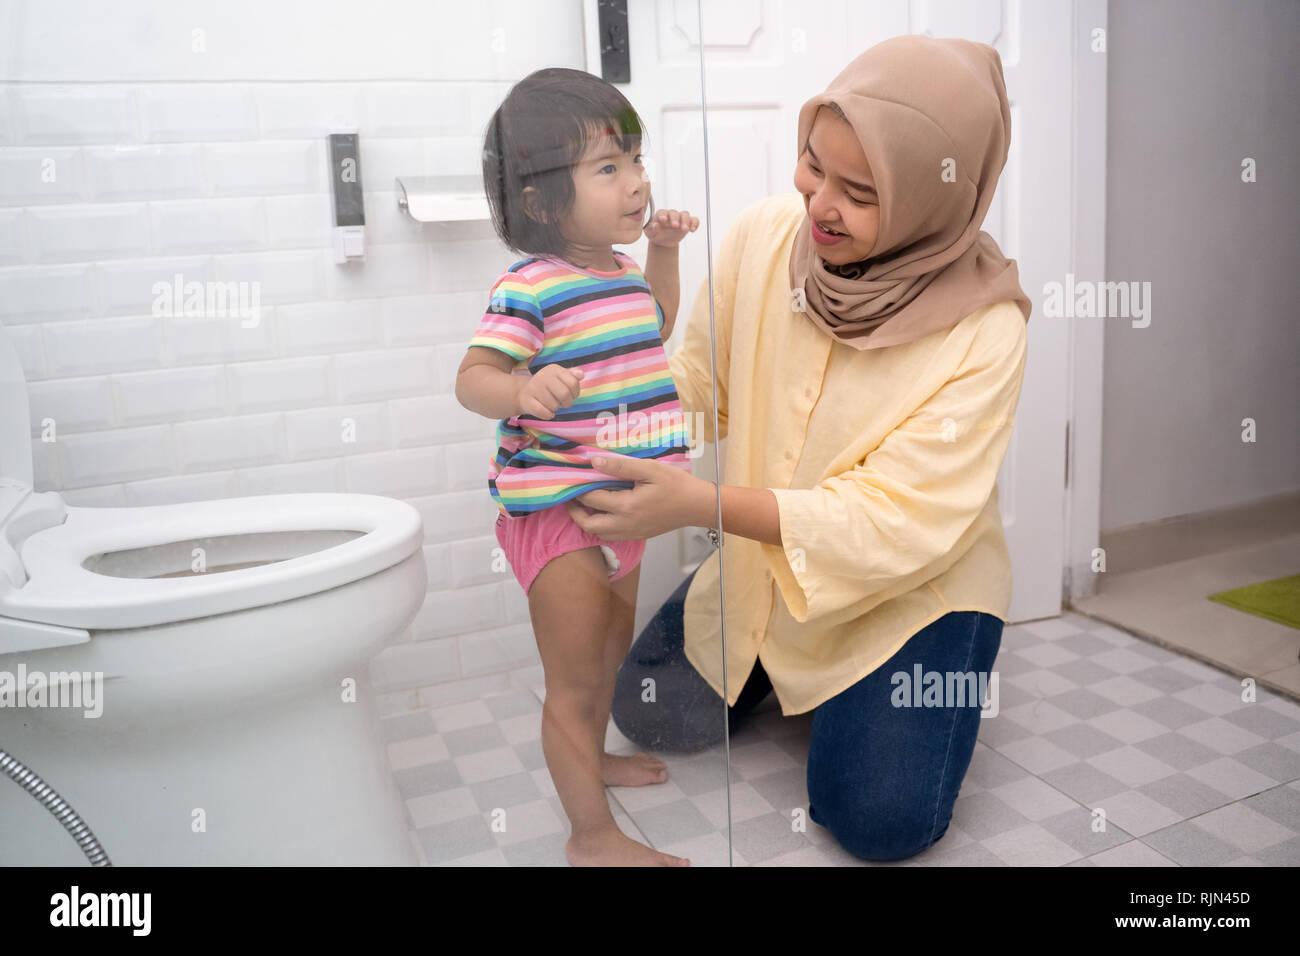 Muslim teen girl outdoor toilet